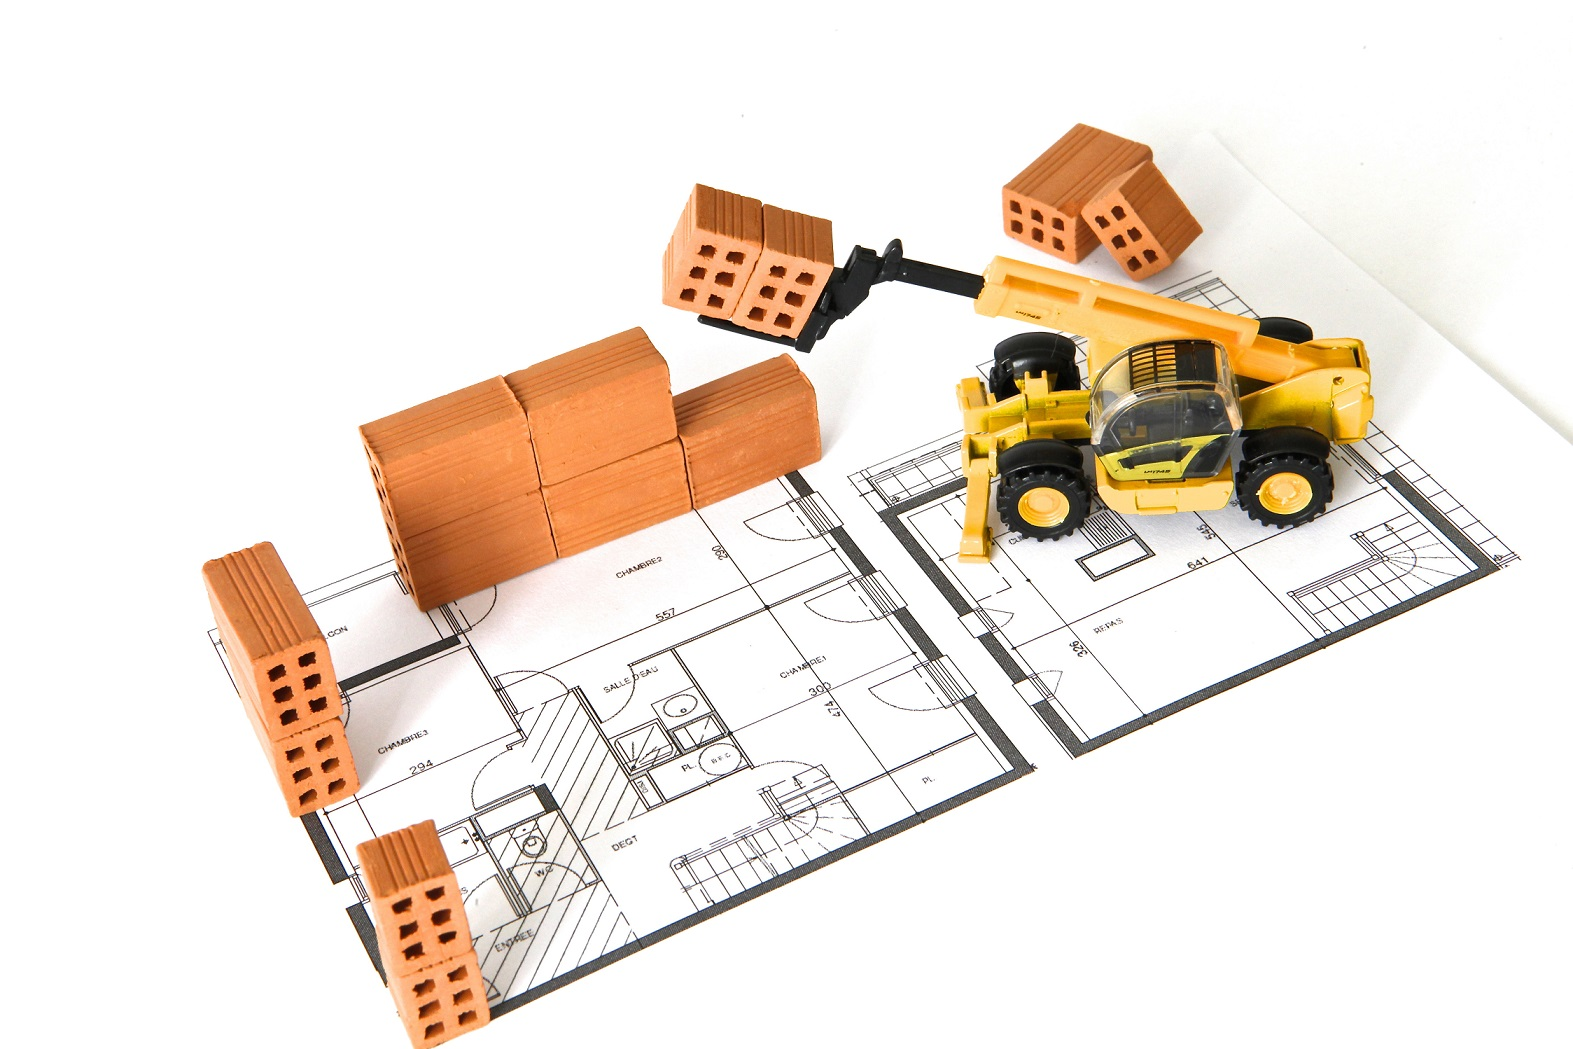 Cadastre plu permis de construire for Permis de demolir obligatoire